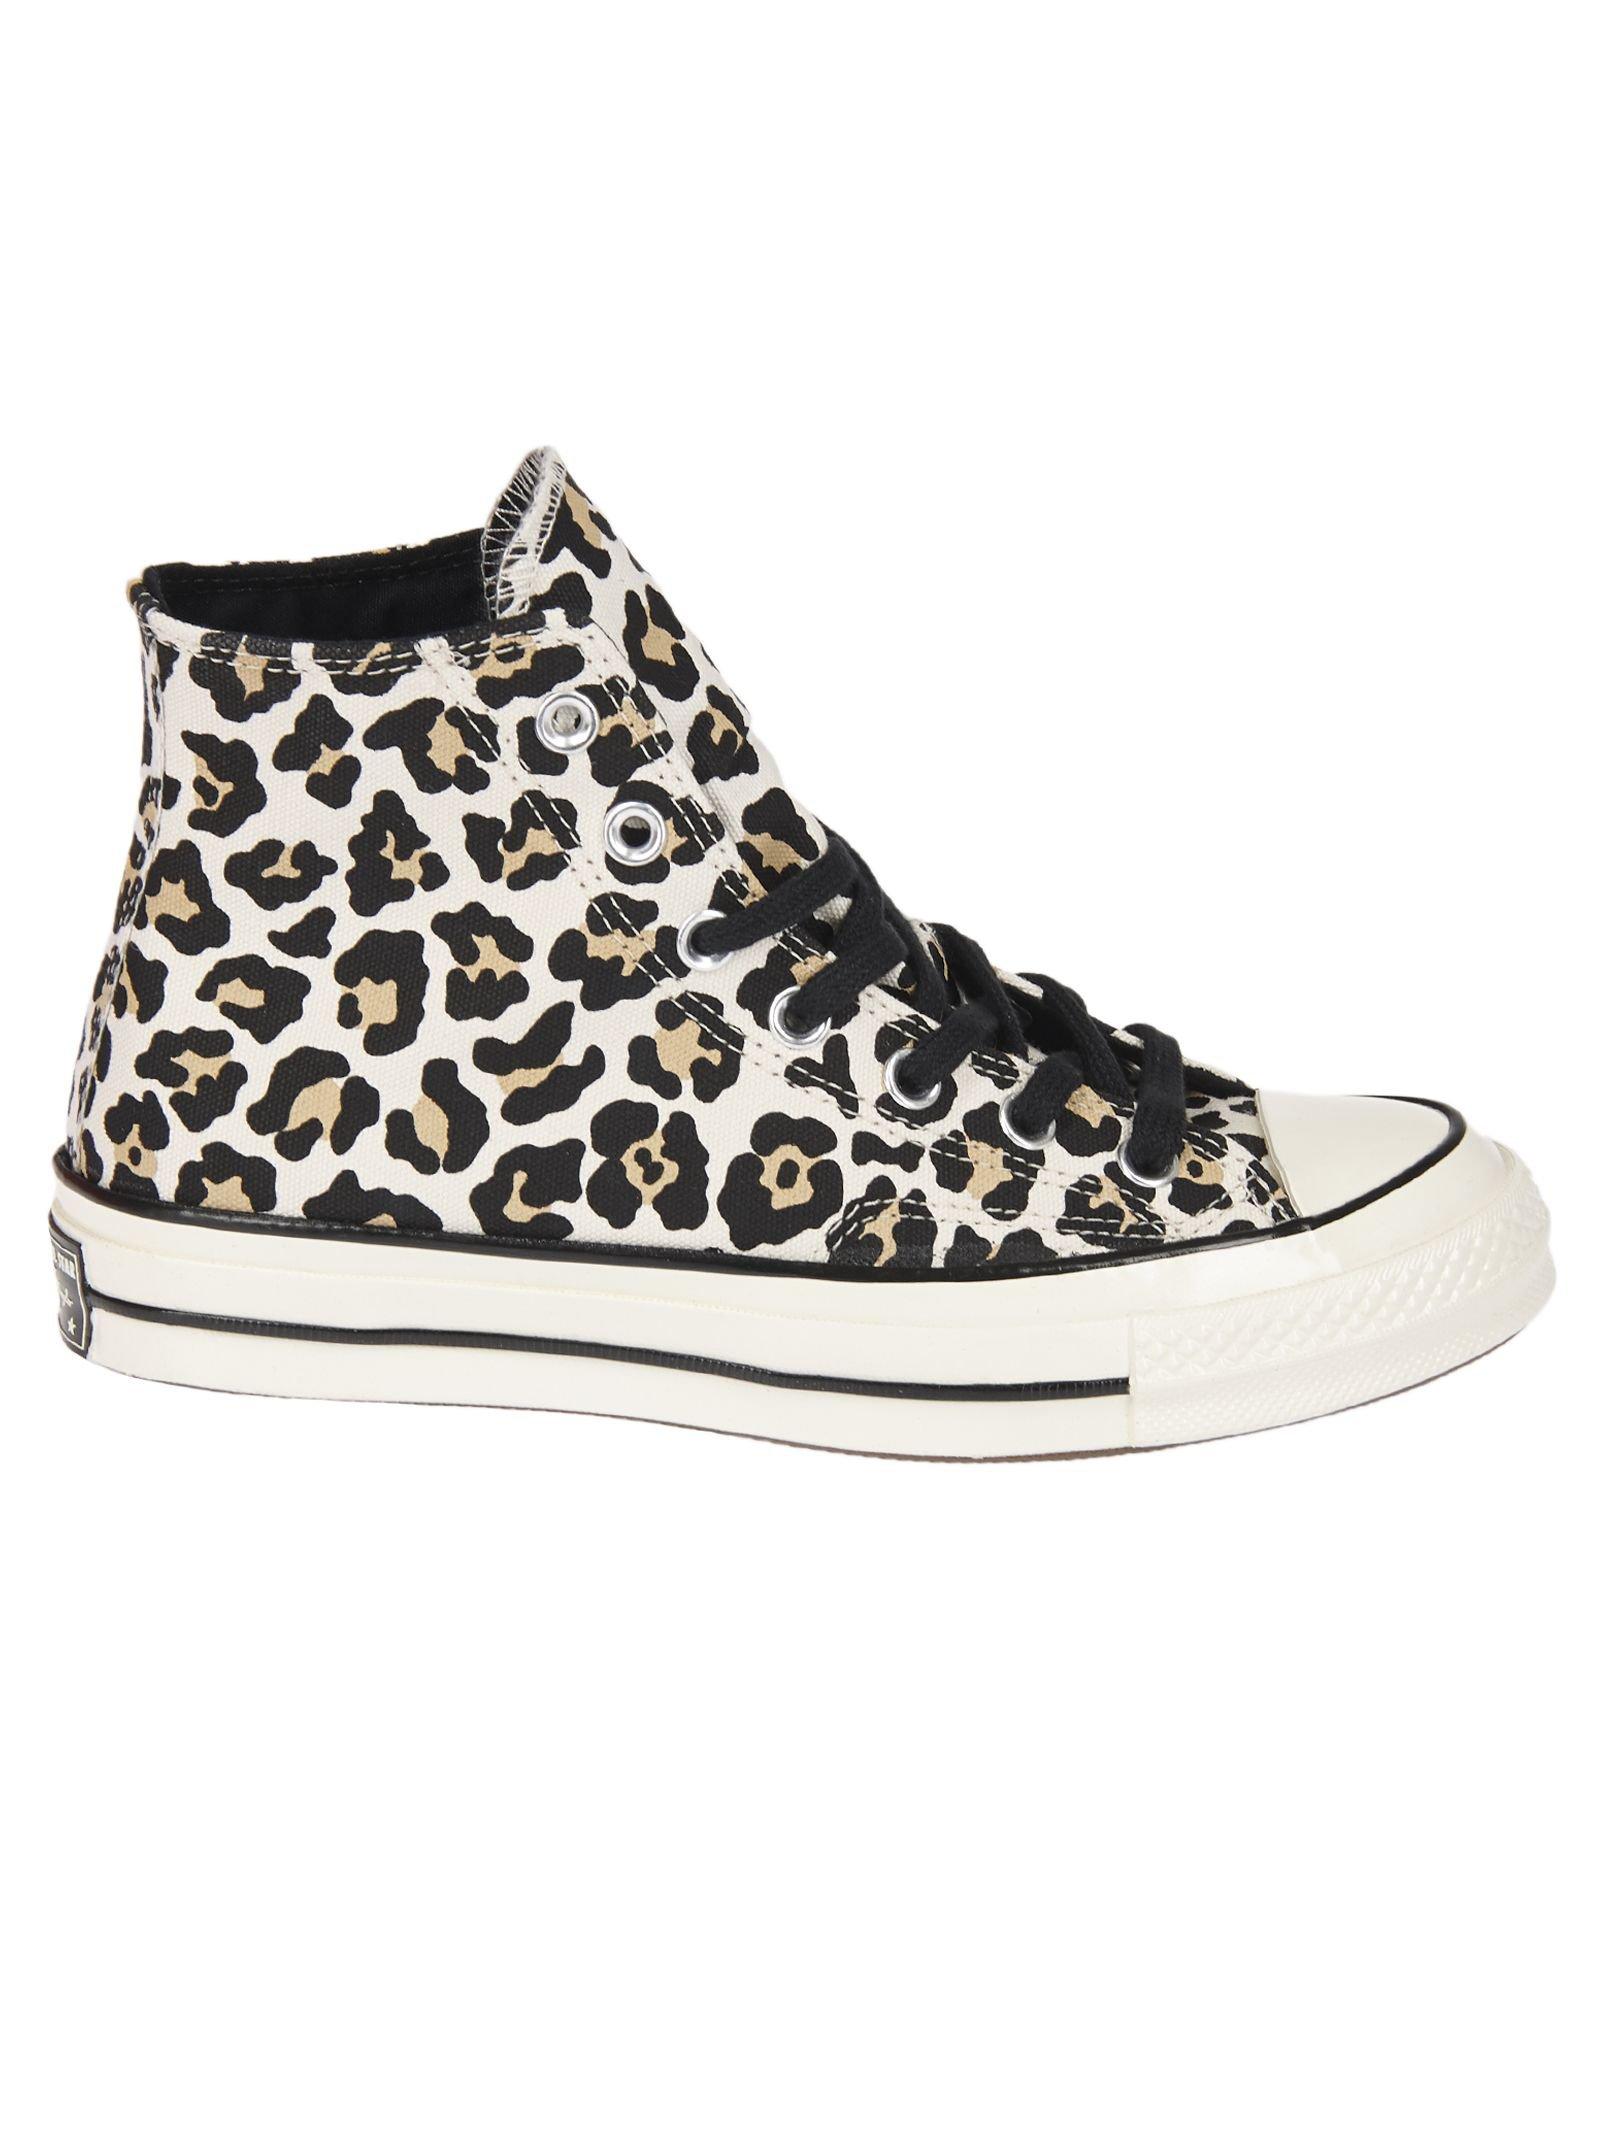 Converse Leopard Print Hi-top Sneakers